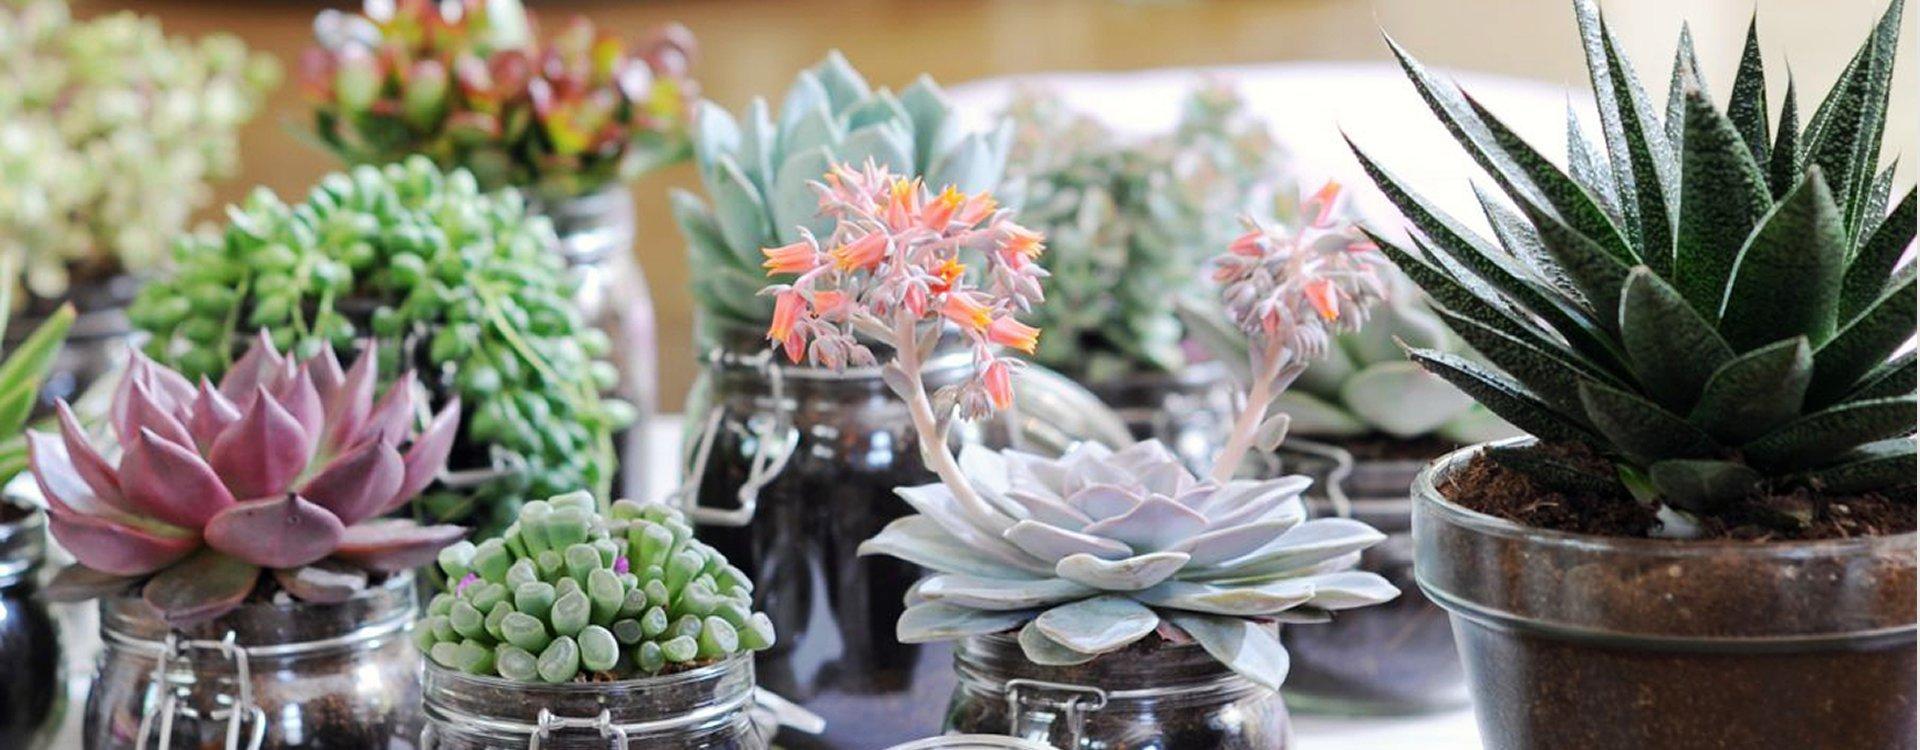 Composizionidafne for Vendita piante ornamentali